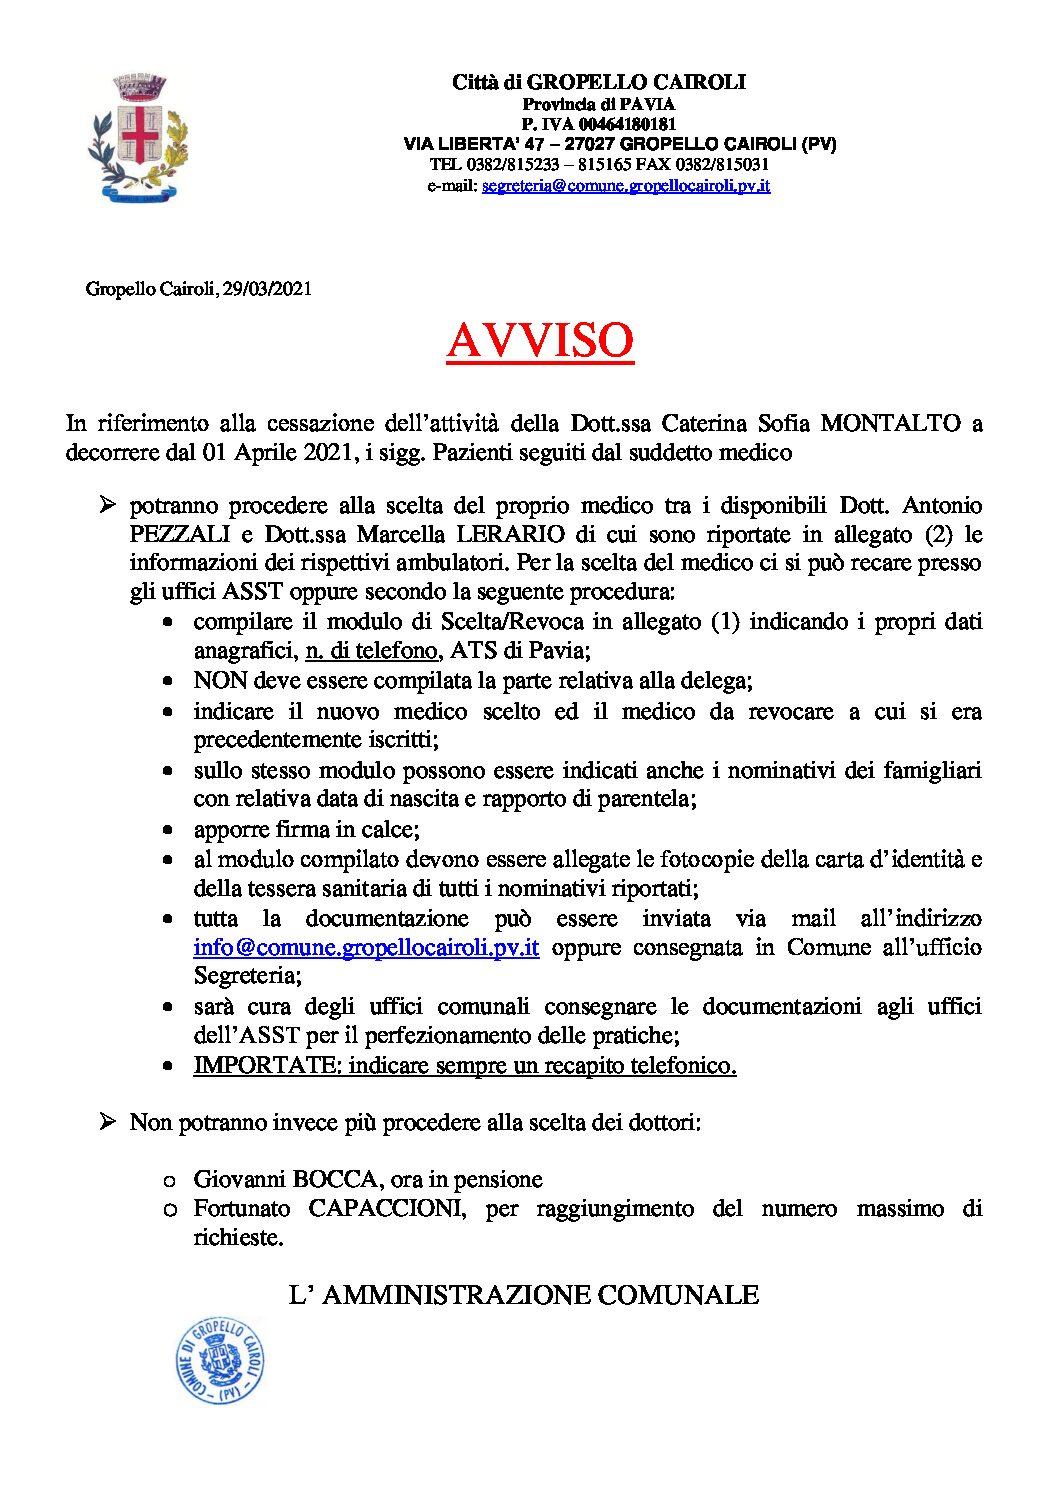 AVVISO: SCELTA E REVOCA MEDICO DI BASE